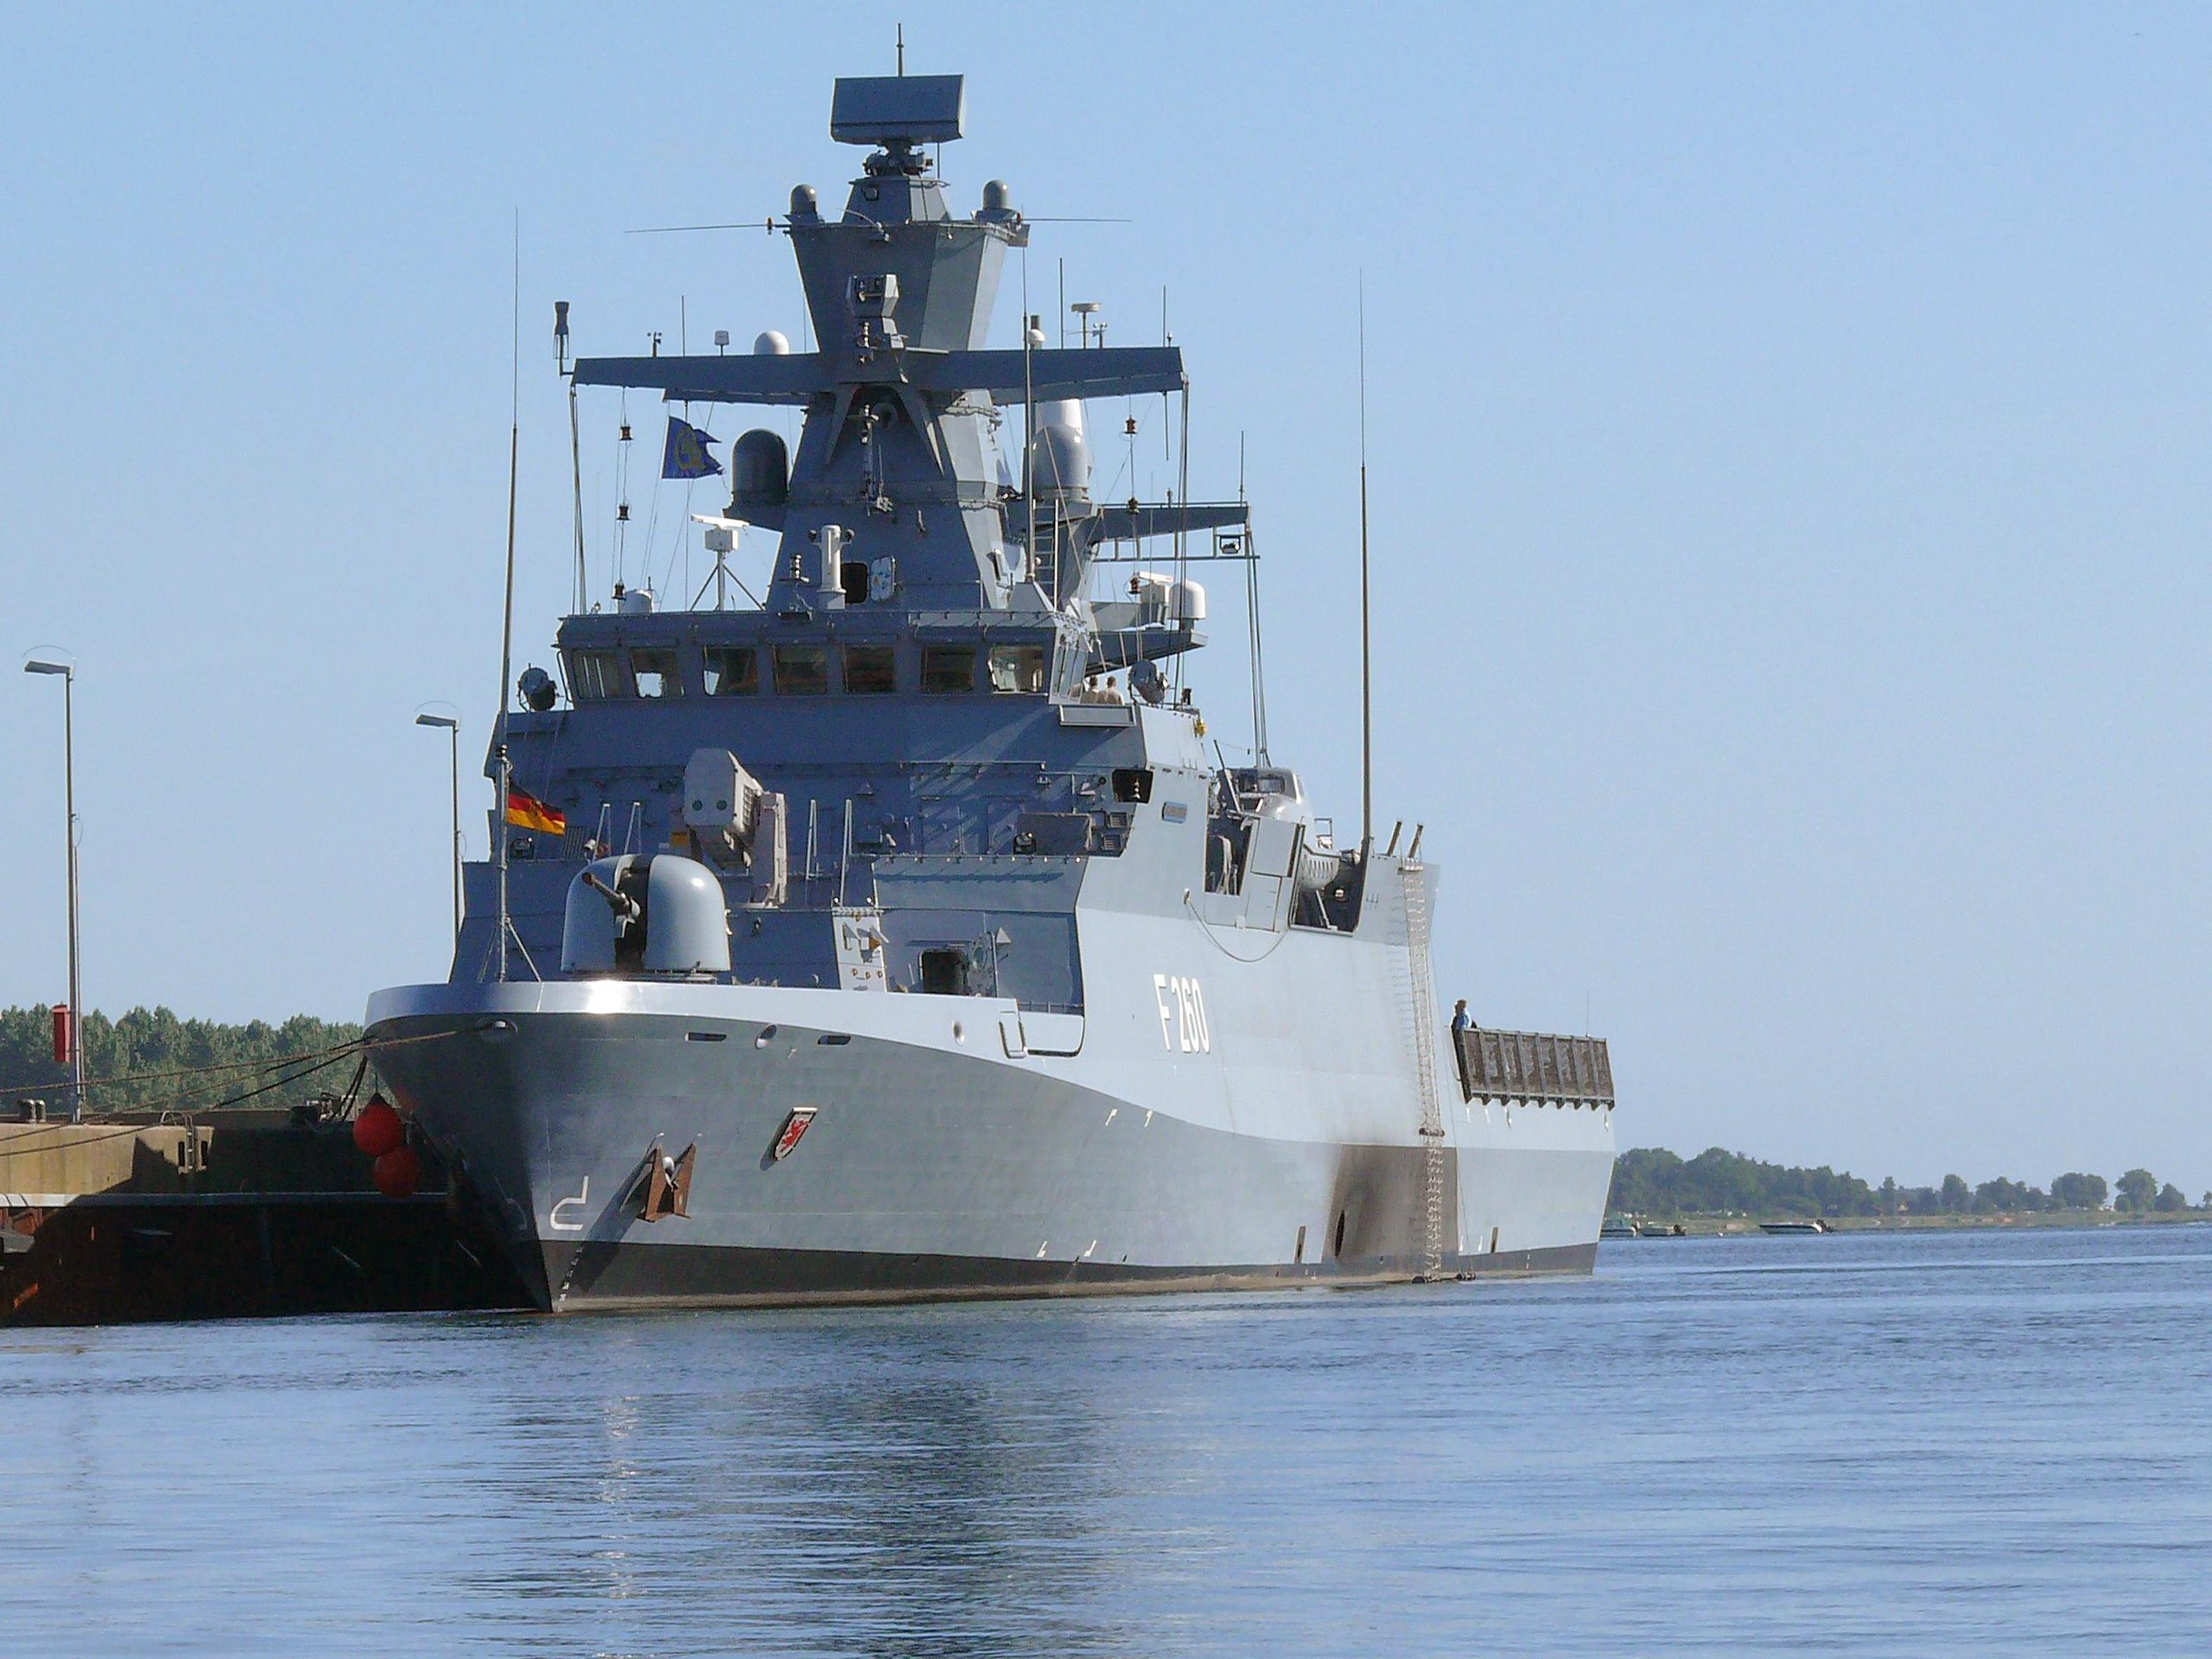 deutsche marine die korvette braunschweig wird in dienst gestellt vorabinformation. Black Bedroom Furniture Sets. Home Design Ideas